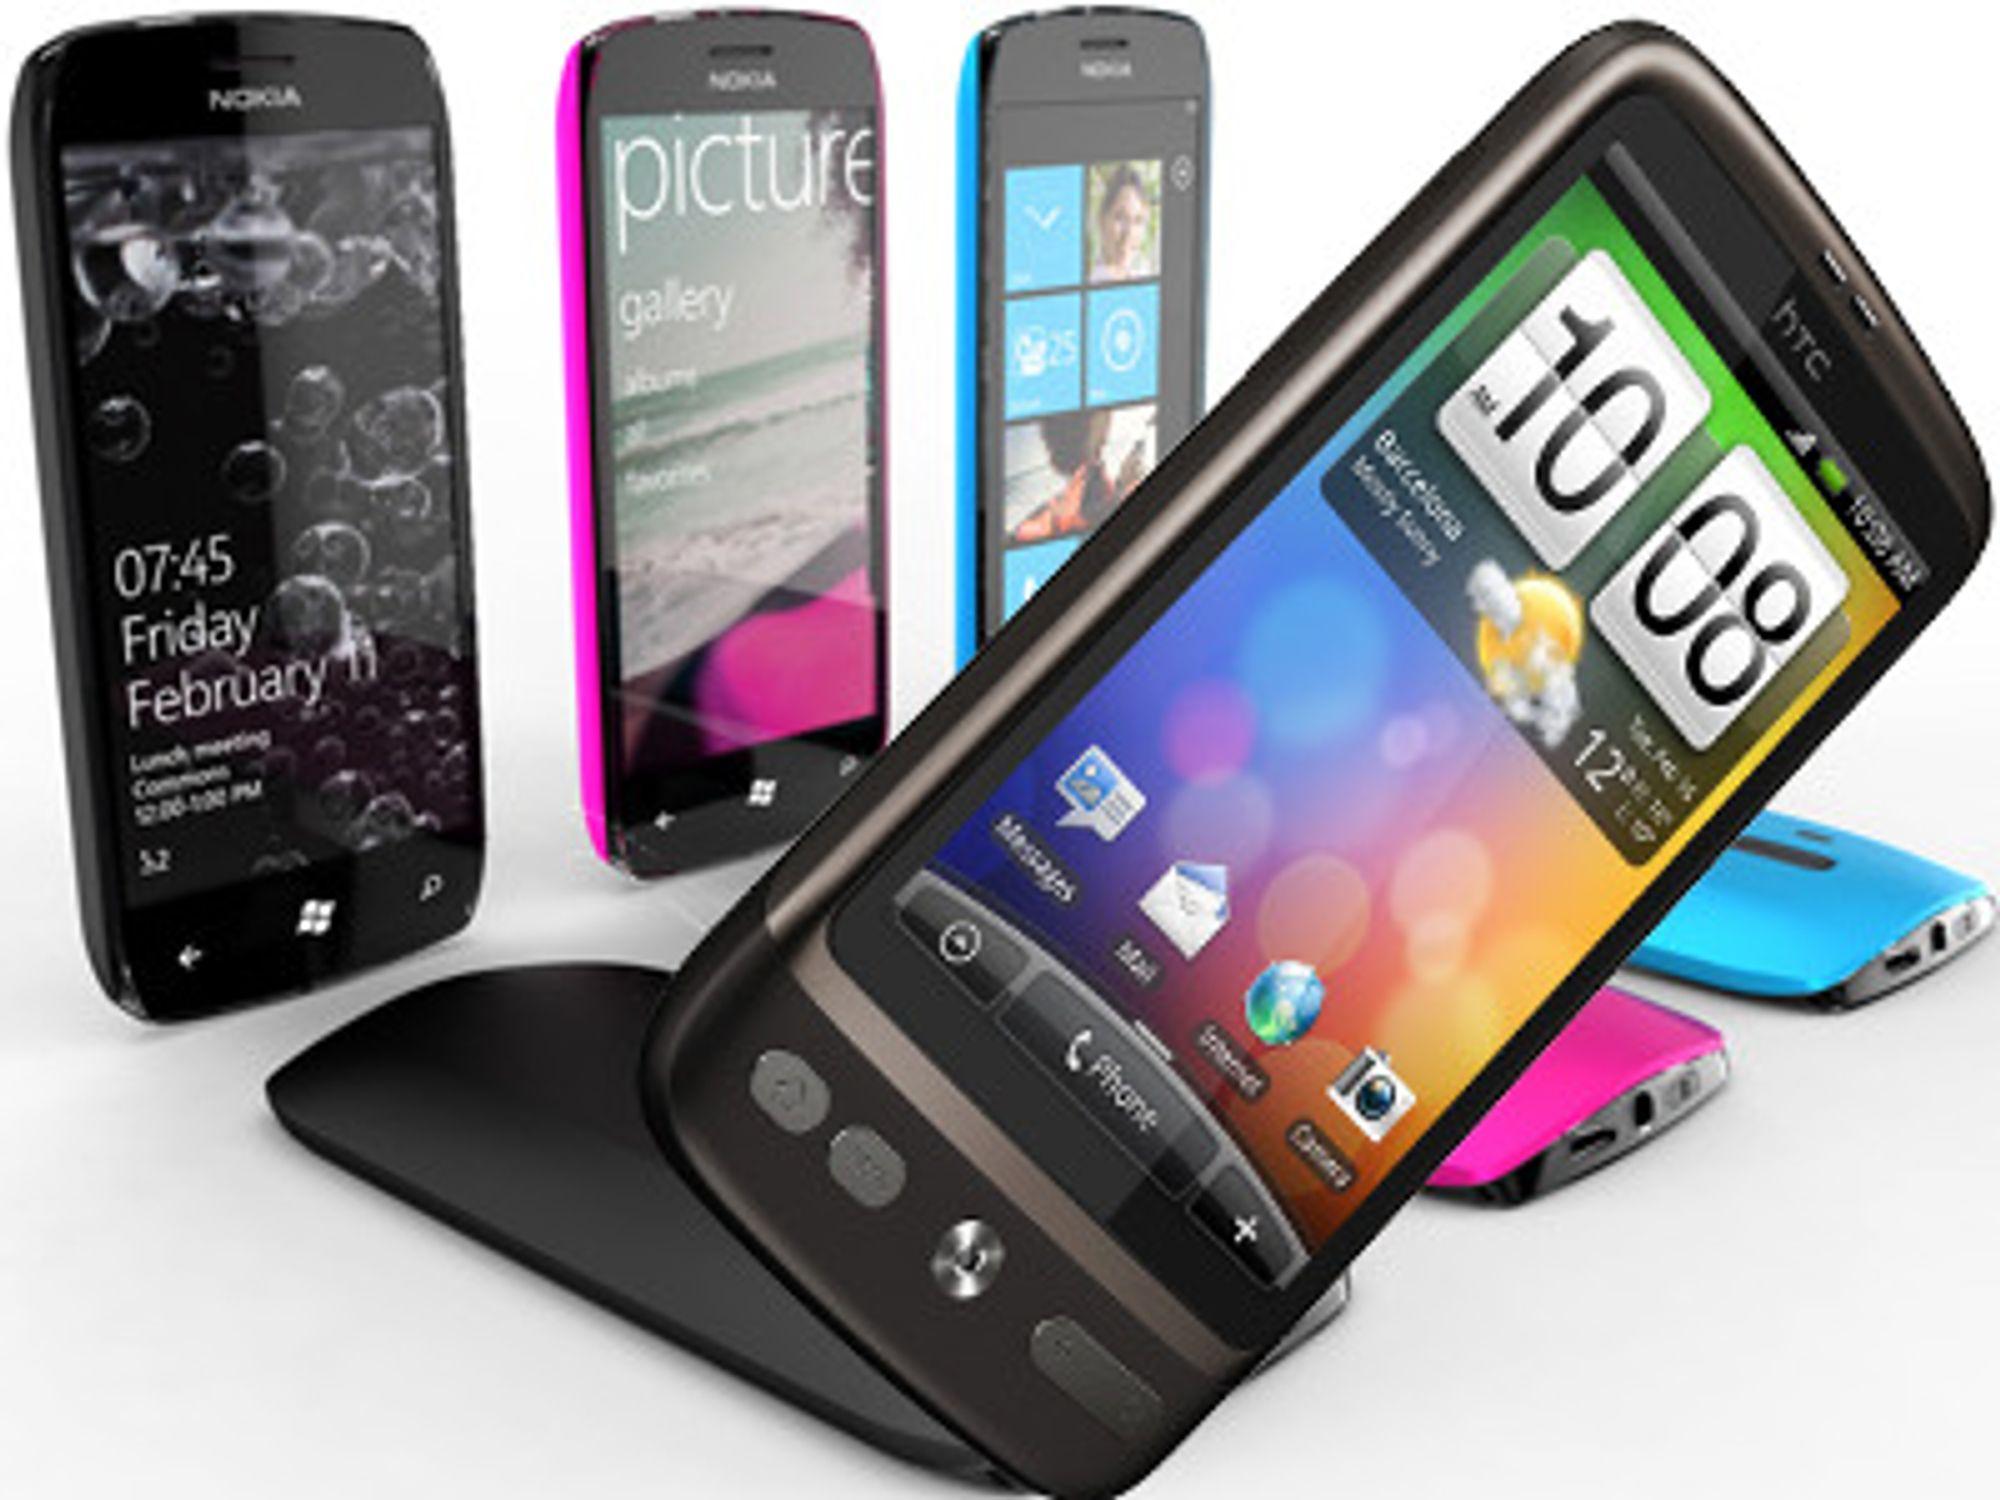 Vil Nokias nye konseptmodeller (bakgrunn) kunne konkurrere mot HTCs Android-baserte Desire?